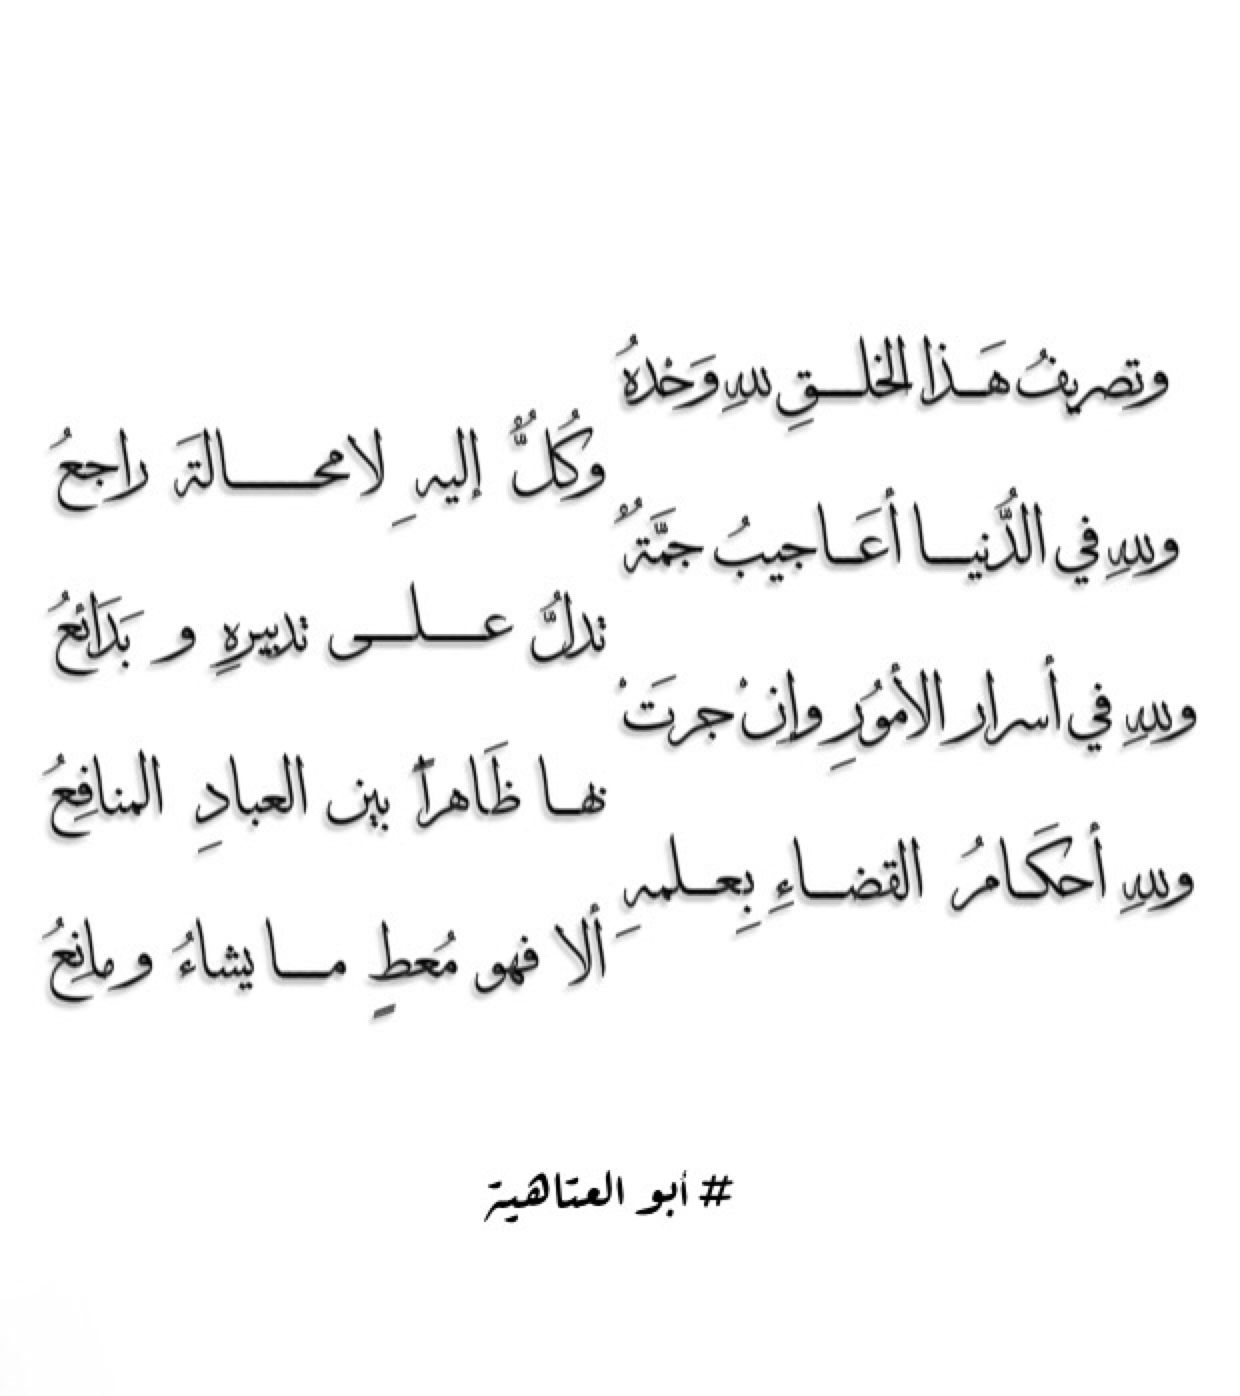 أبو العتاهية أدب اقتباس Quotes شعر Math Quotes Arabic Calligraphy